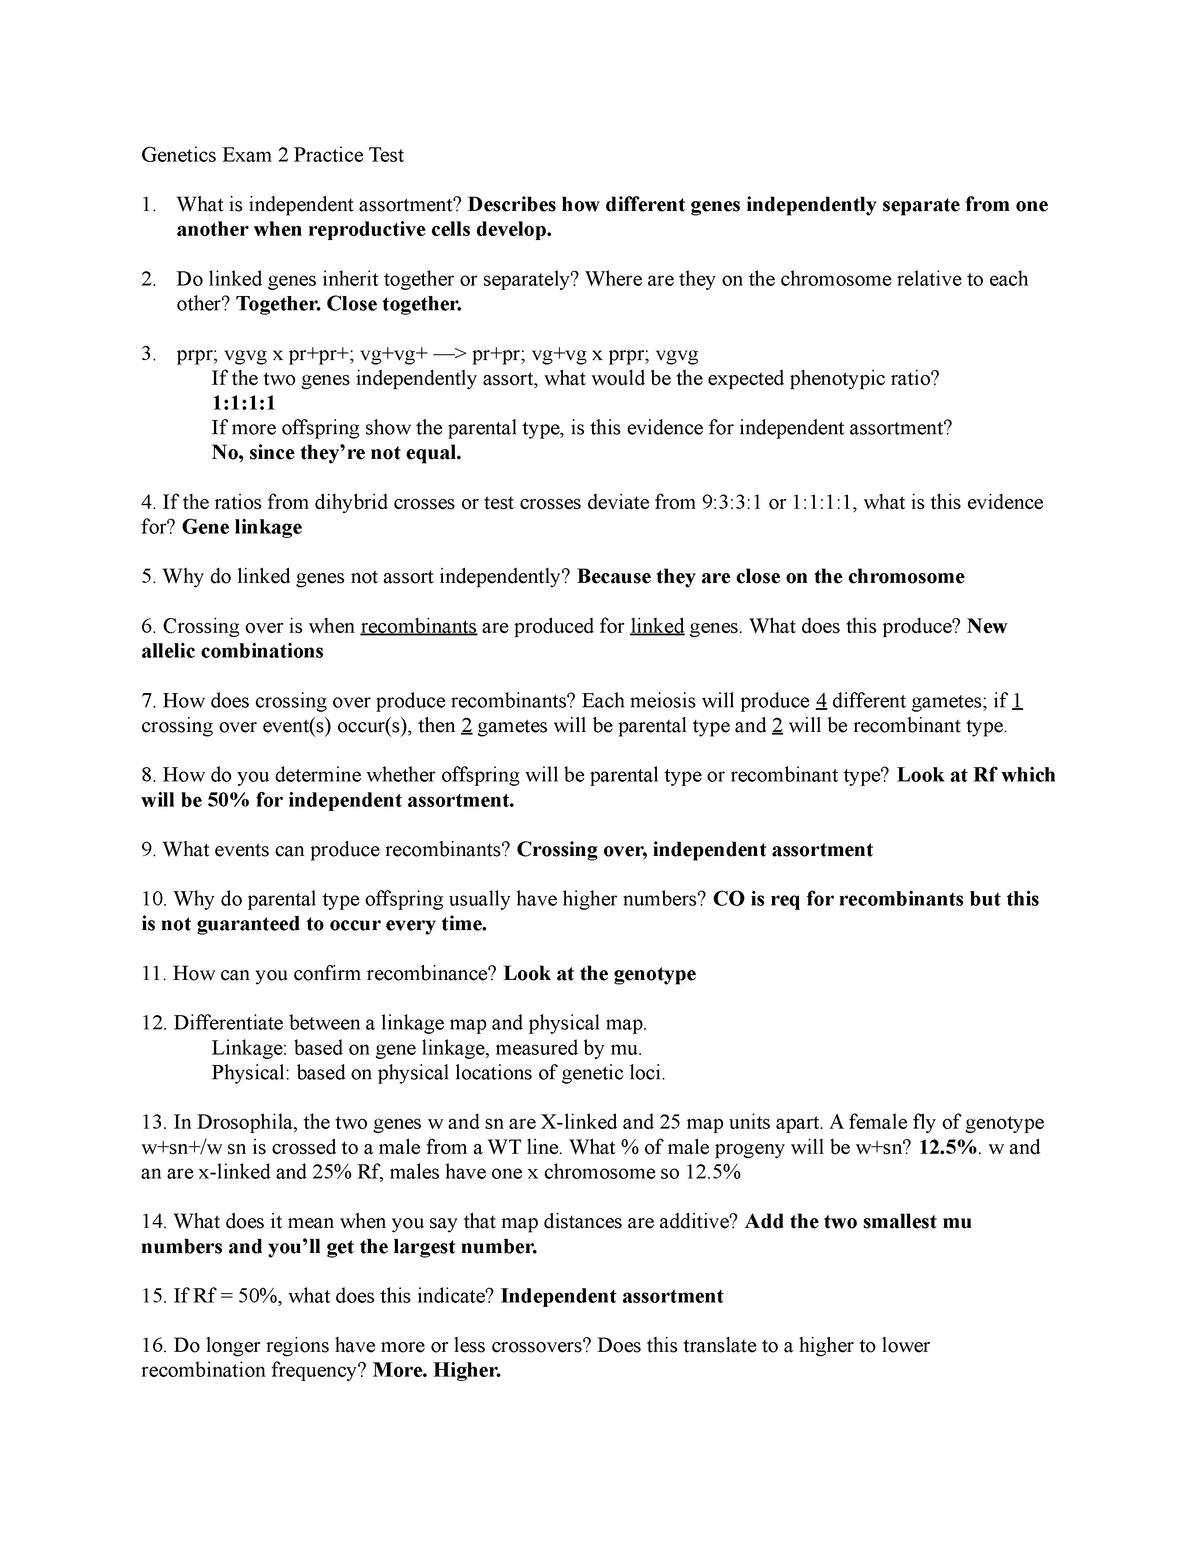 Summary BIOL 419 BIOL 419 29 Sep 2018 - StuDocu on